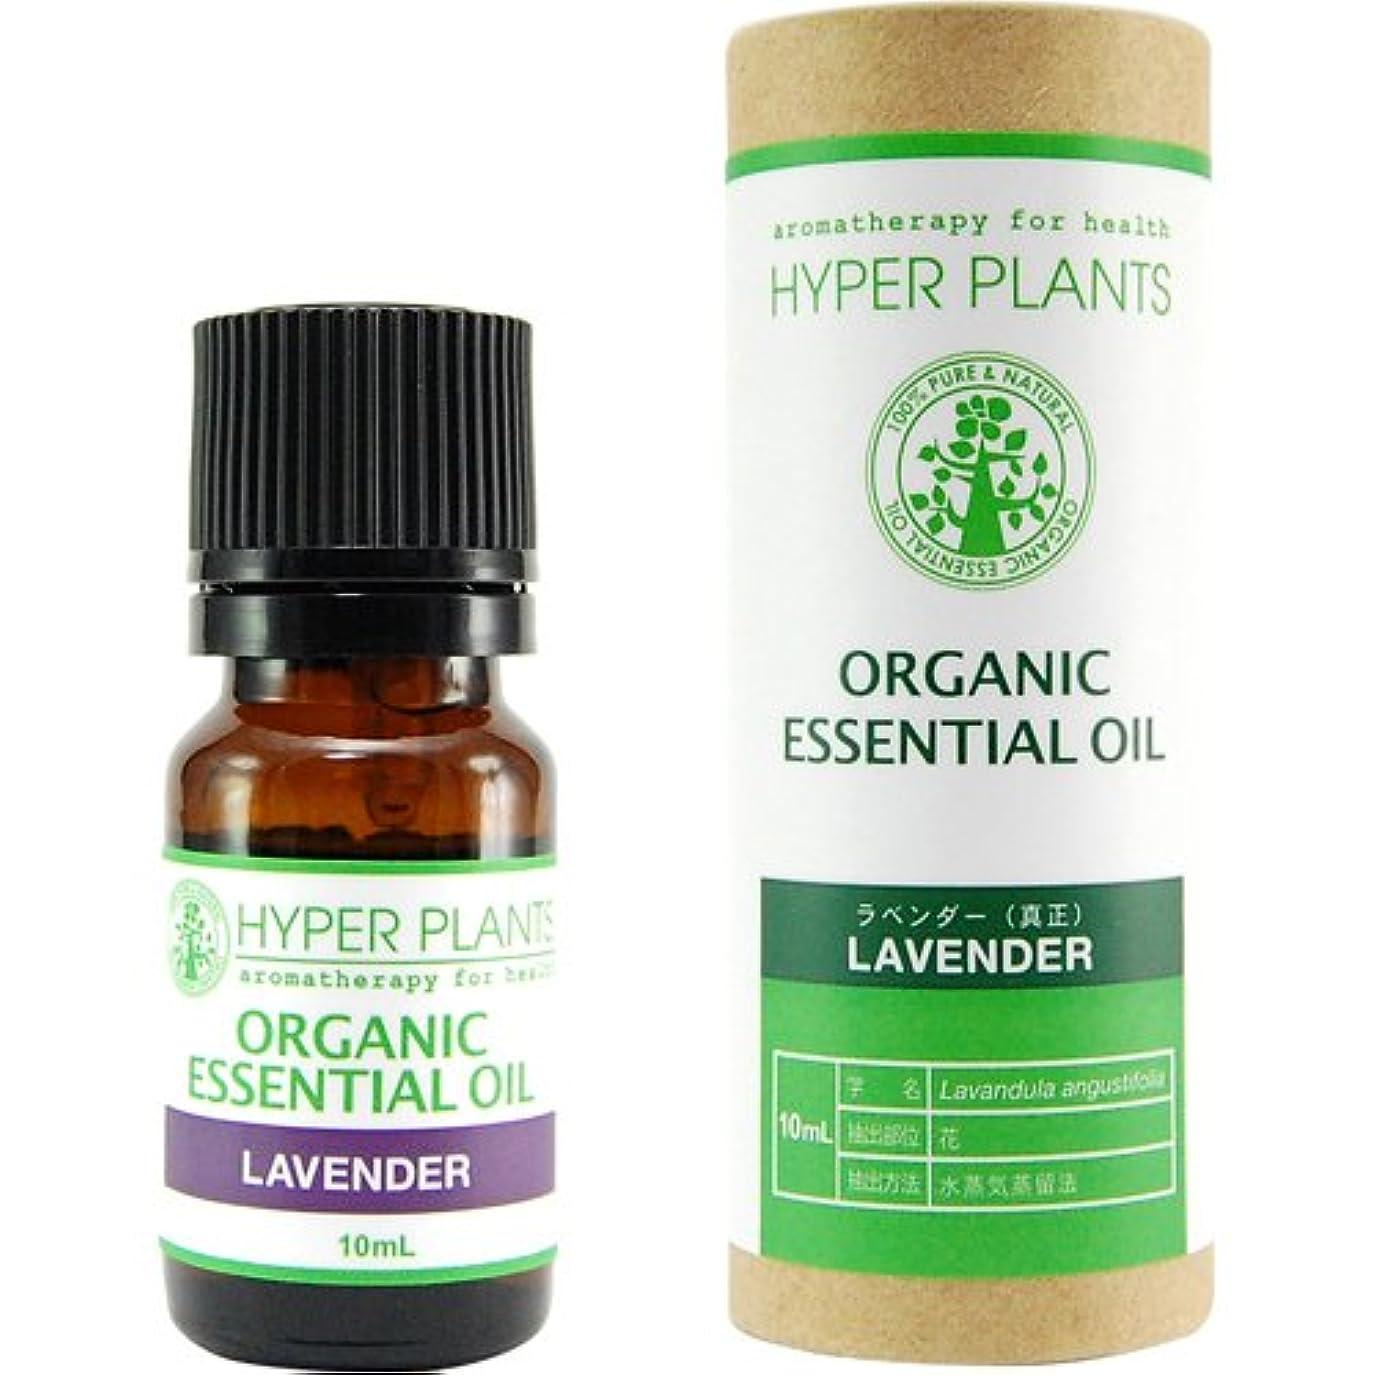 マーチャンダイザー人気誘発するHYPER PLANTS ハイパープランツ オーガニックエッセンシャルオイル ラベンダー(真正) 10ml HE0207